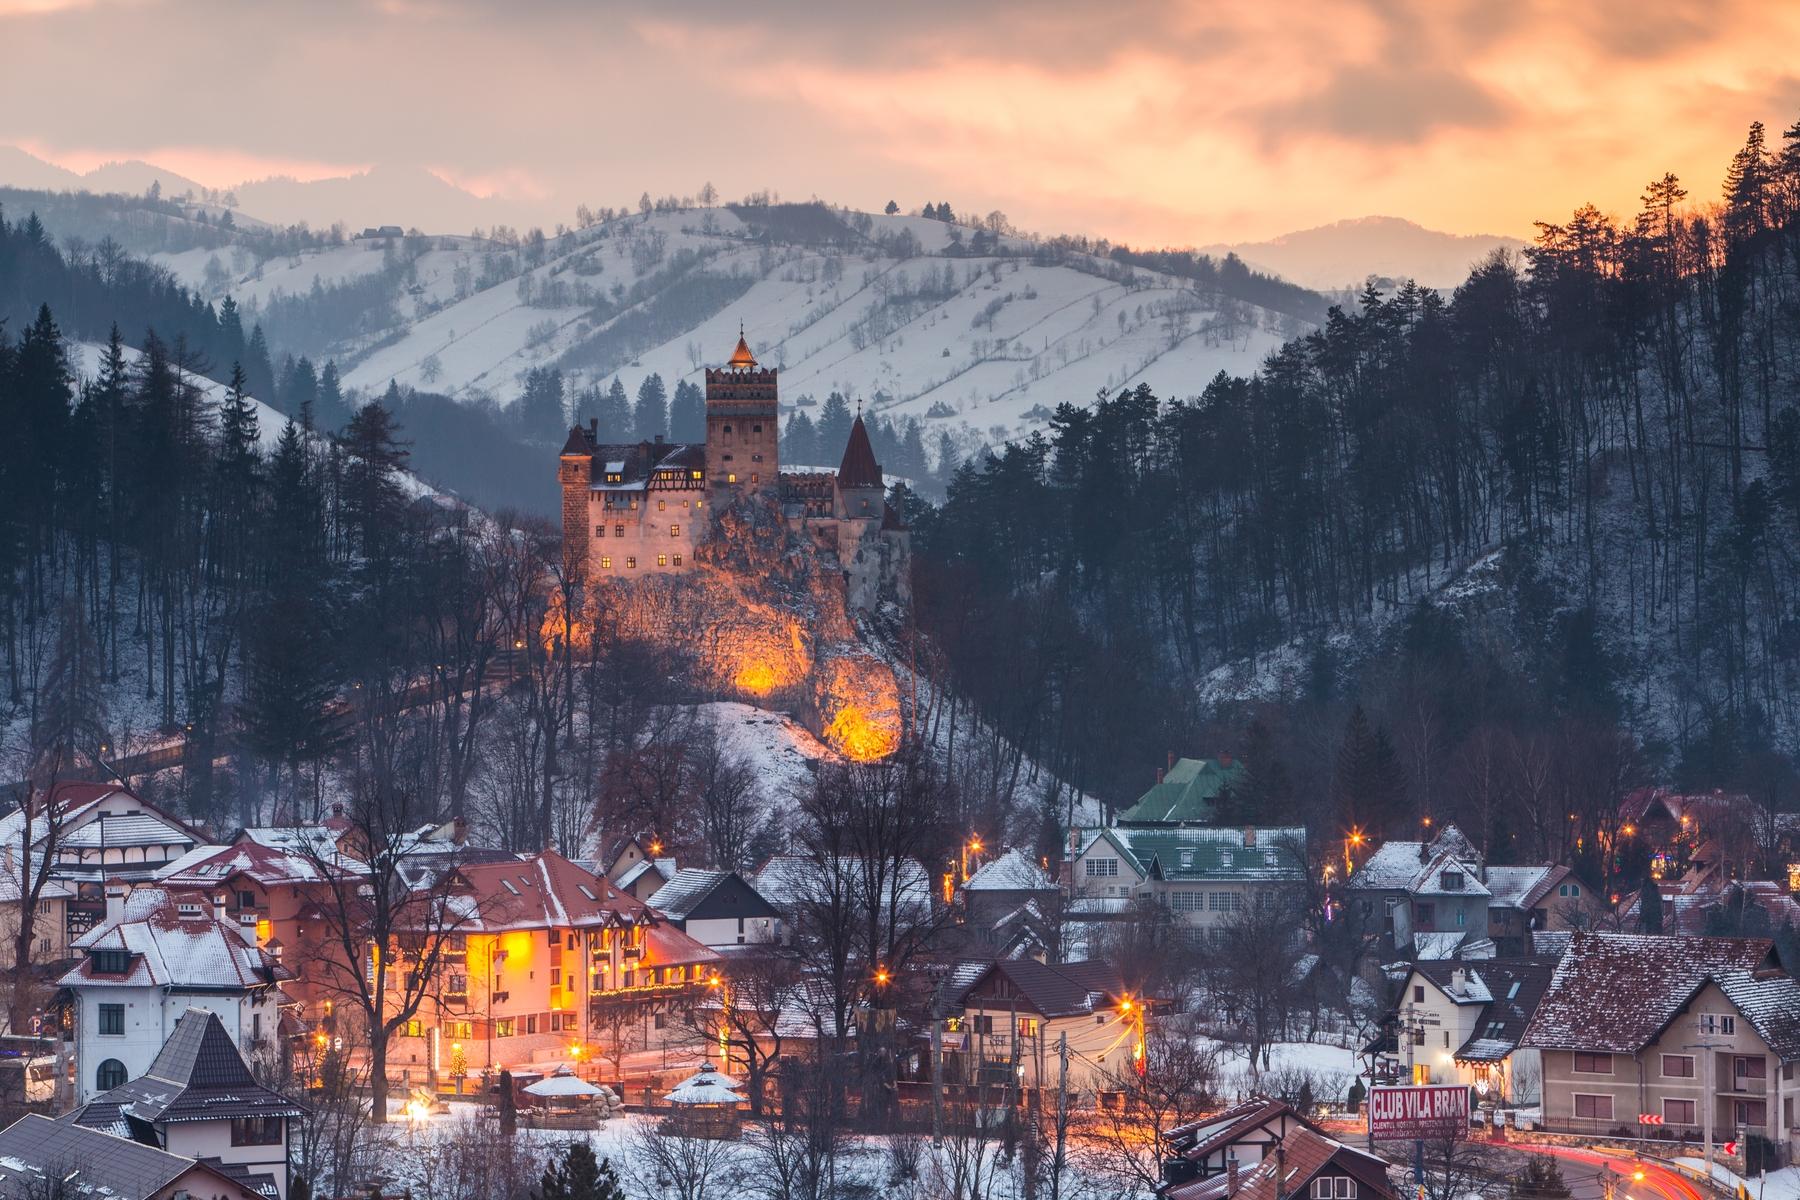 destinos baratos para nomadas digitales  transilvania